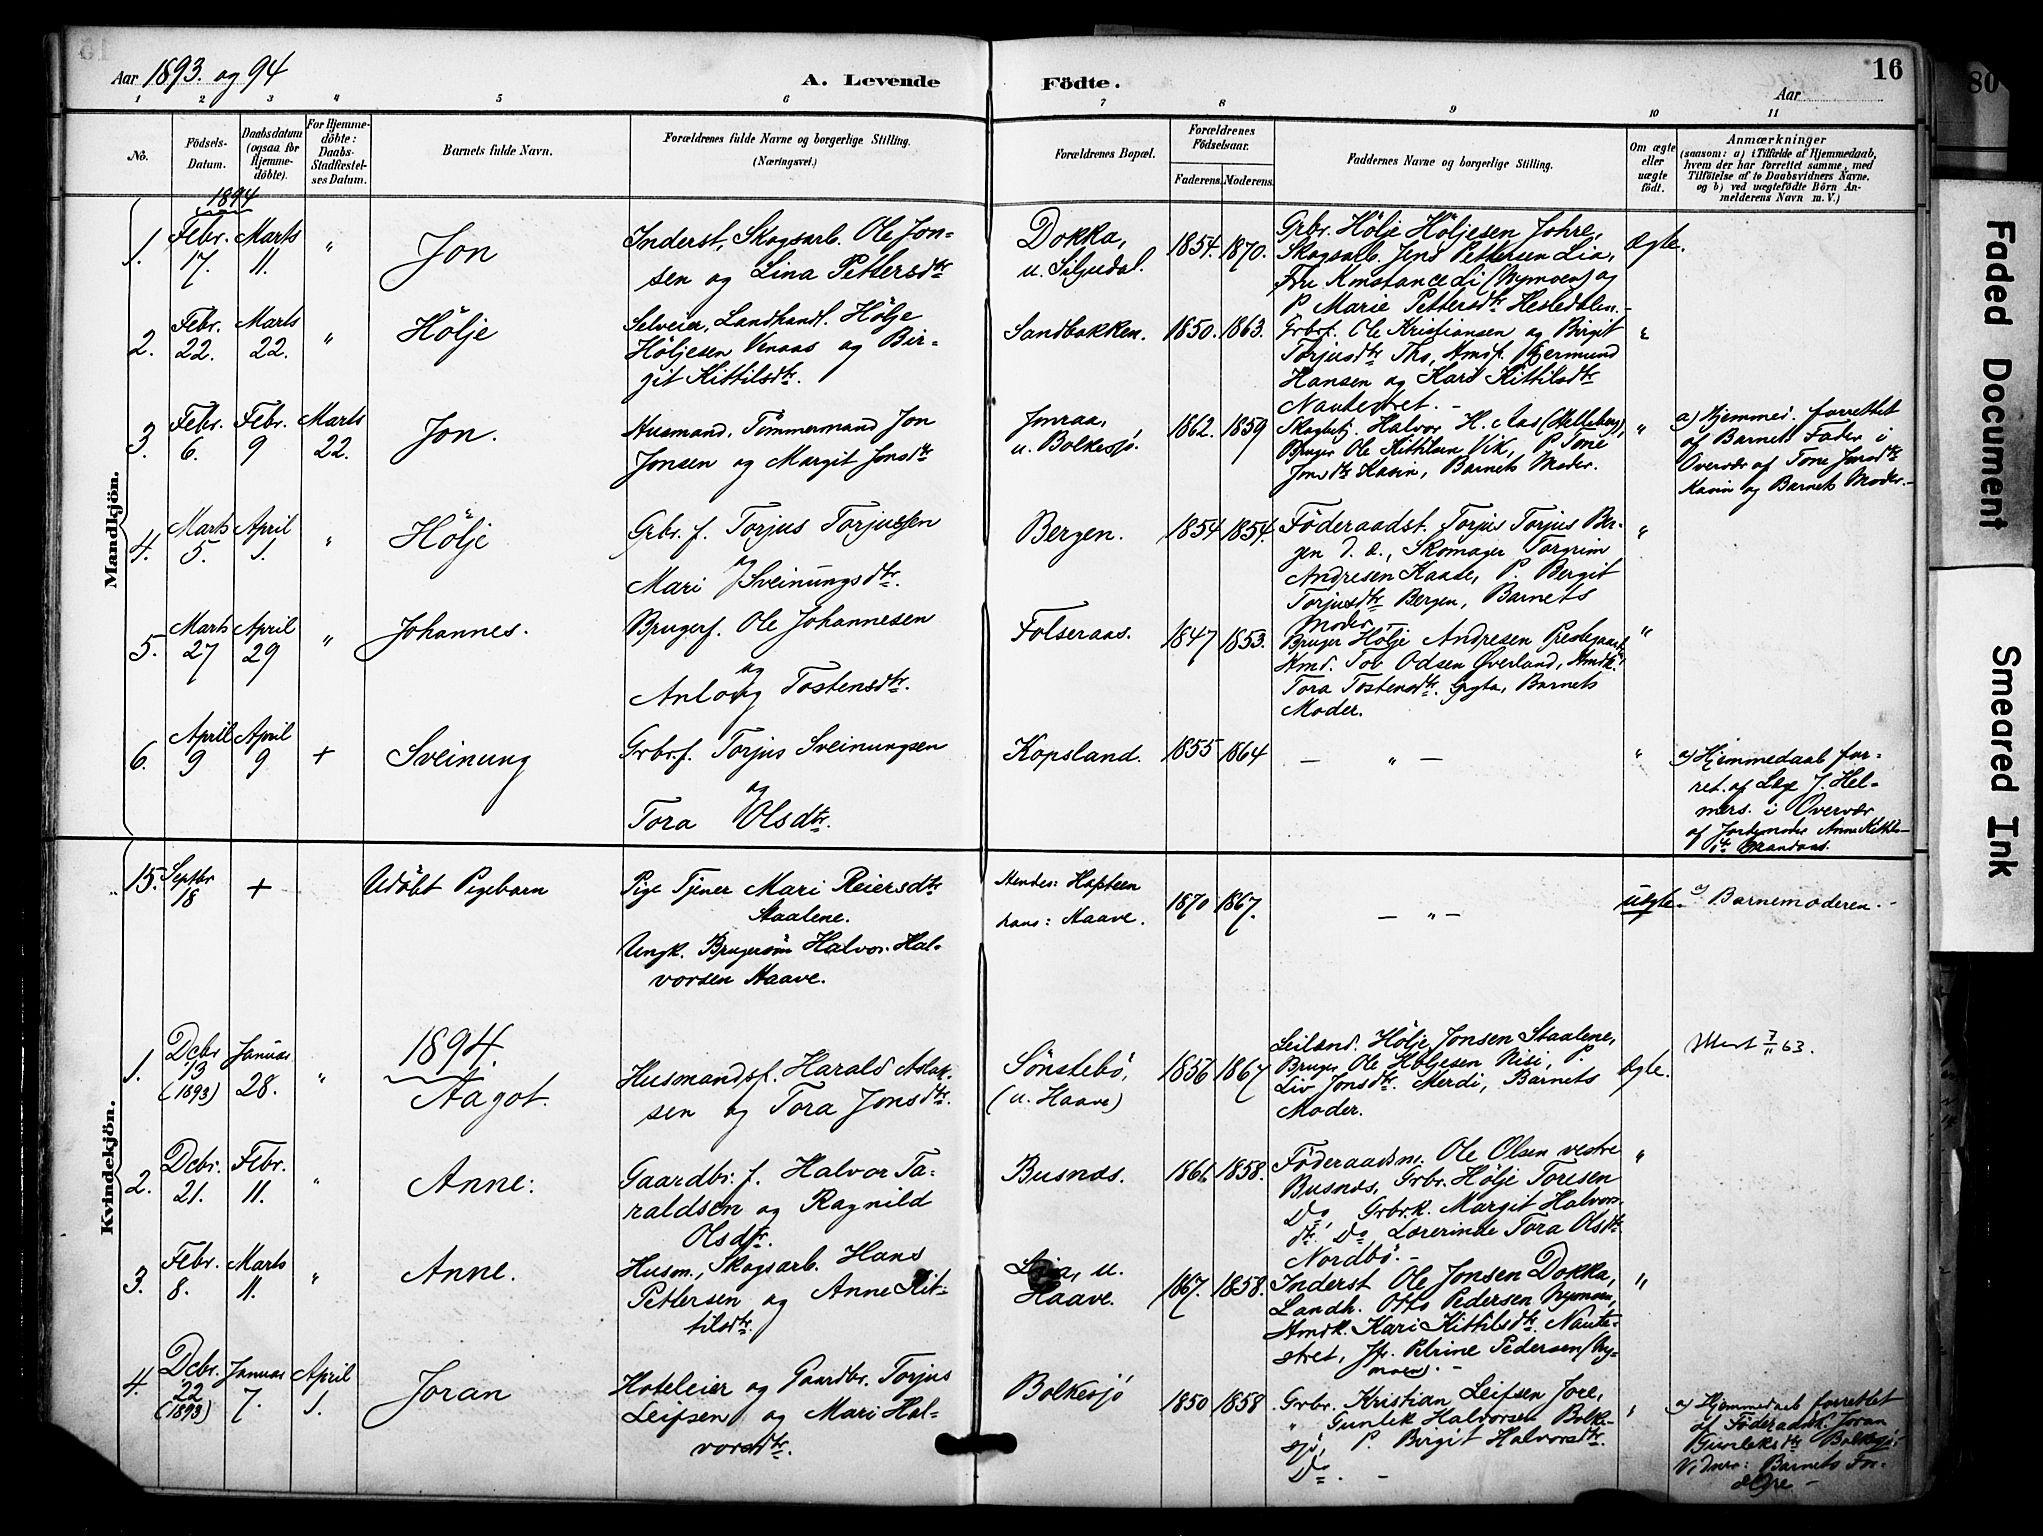 SAKO, Gransherad kirkebøker, F/Fa/L0005: Ministerialbok nr. I 5, 1887-1916, s. 16